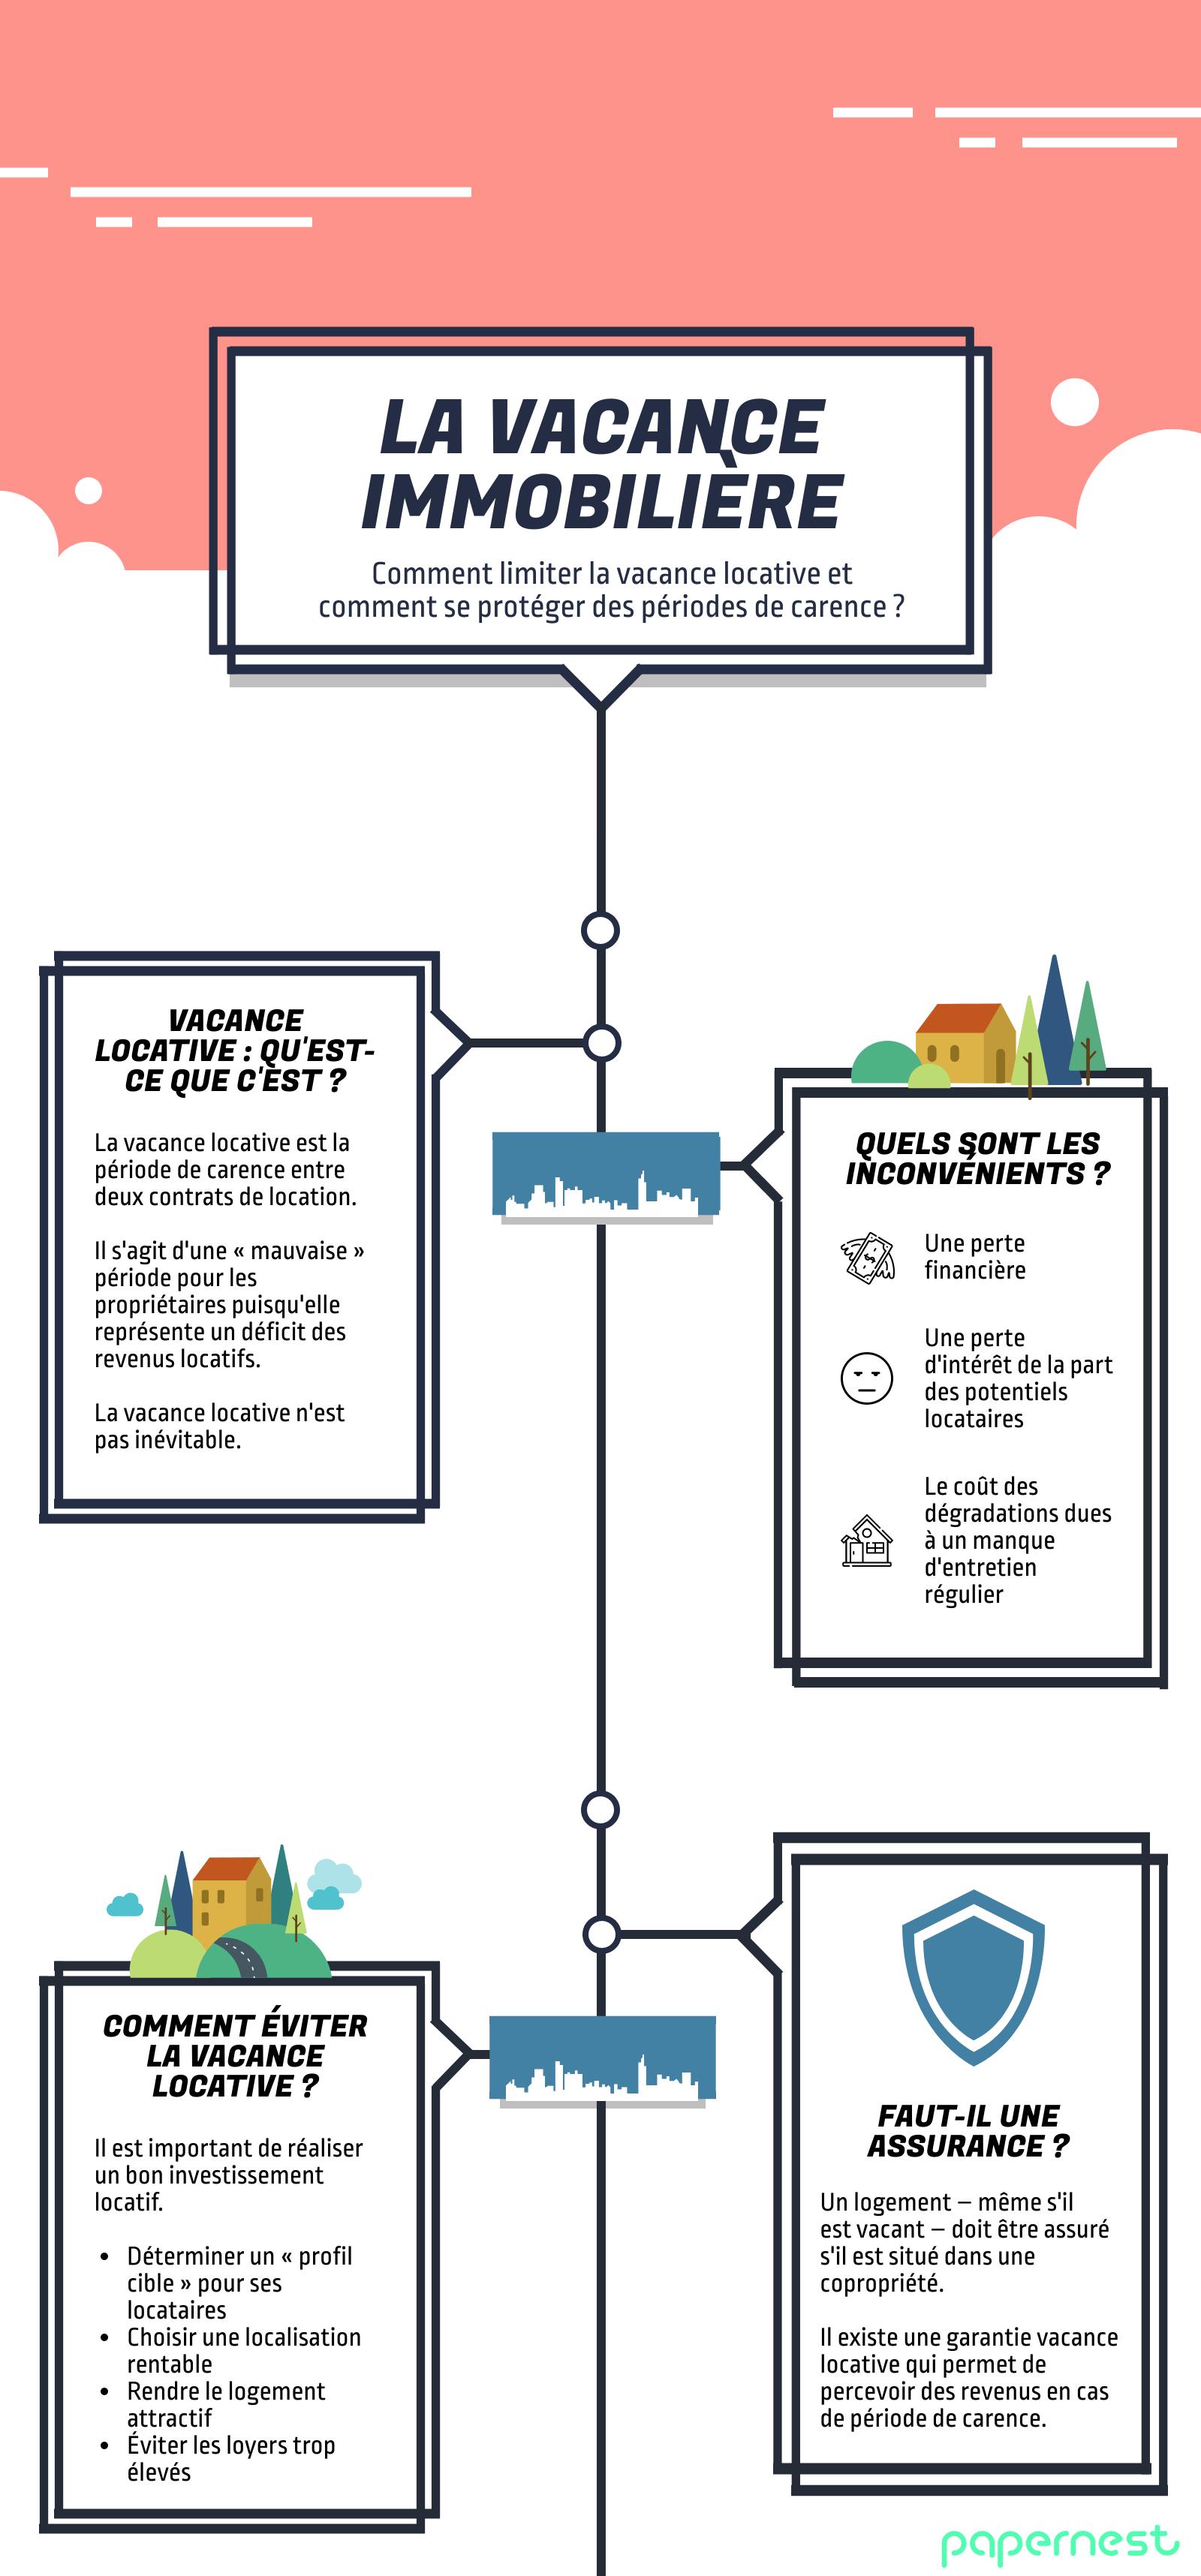 Infographie sur la vacance immobilière